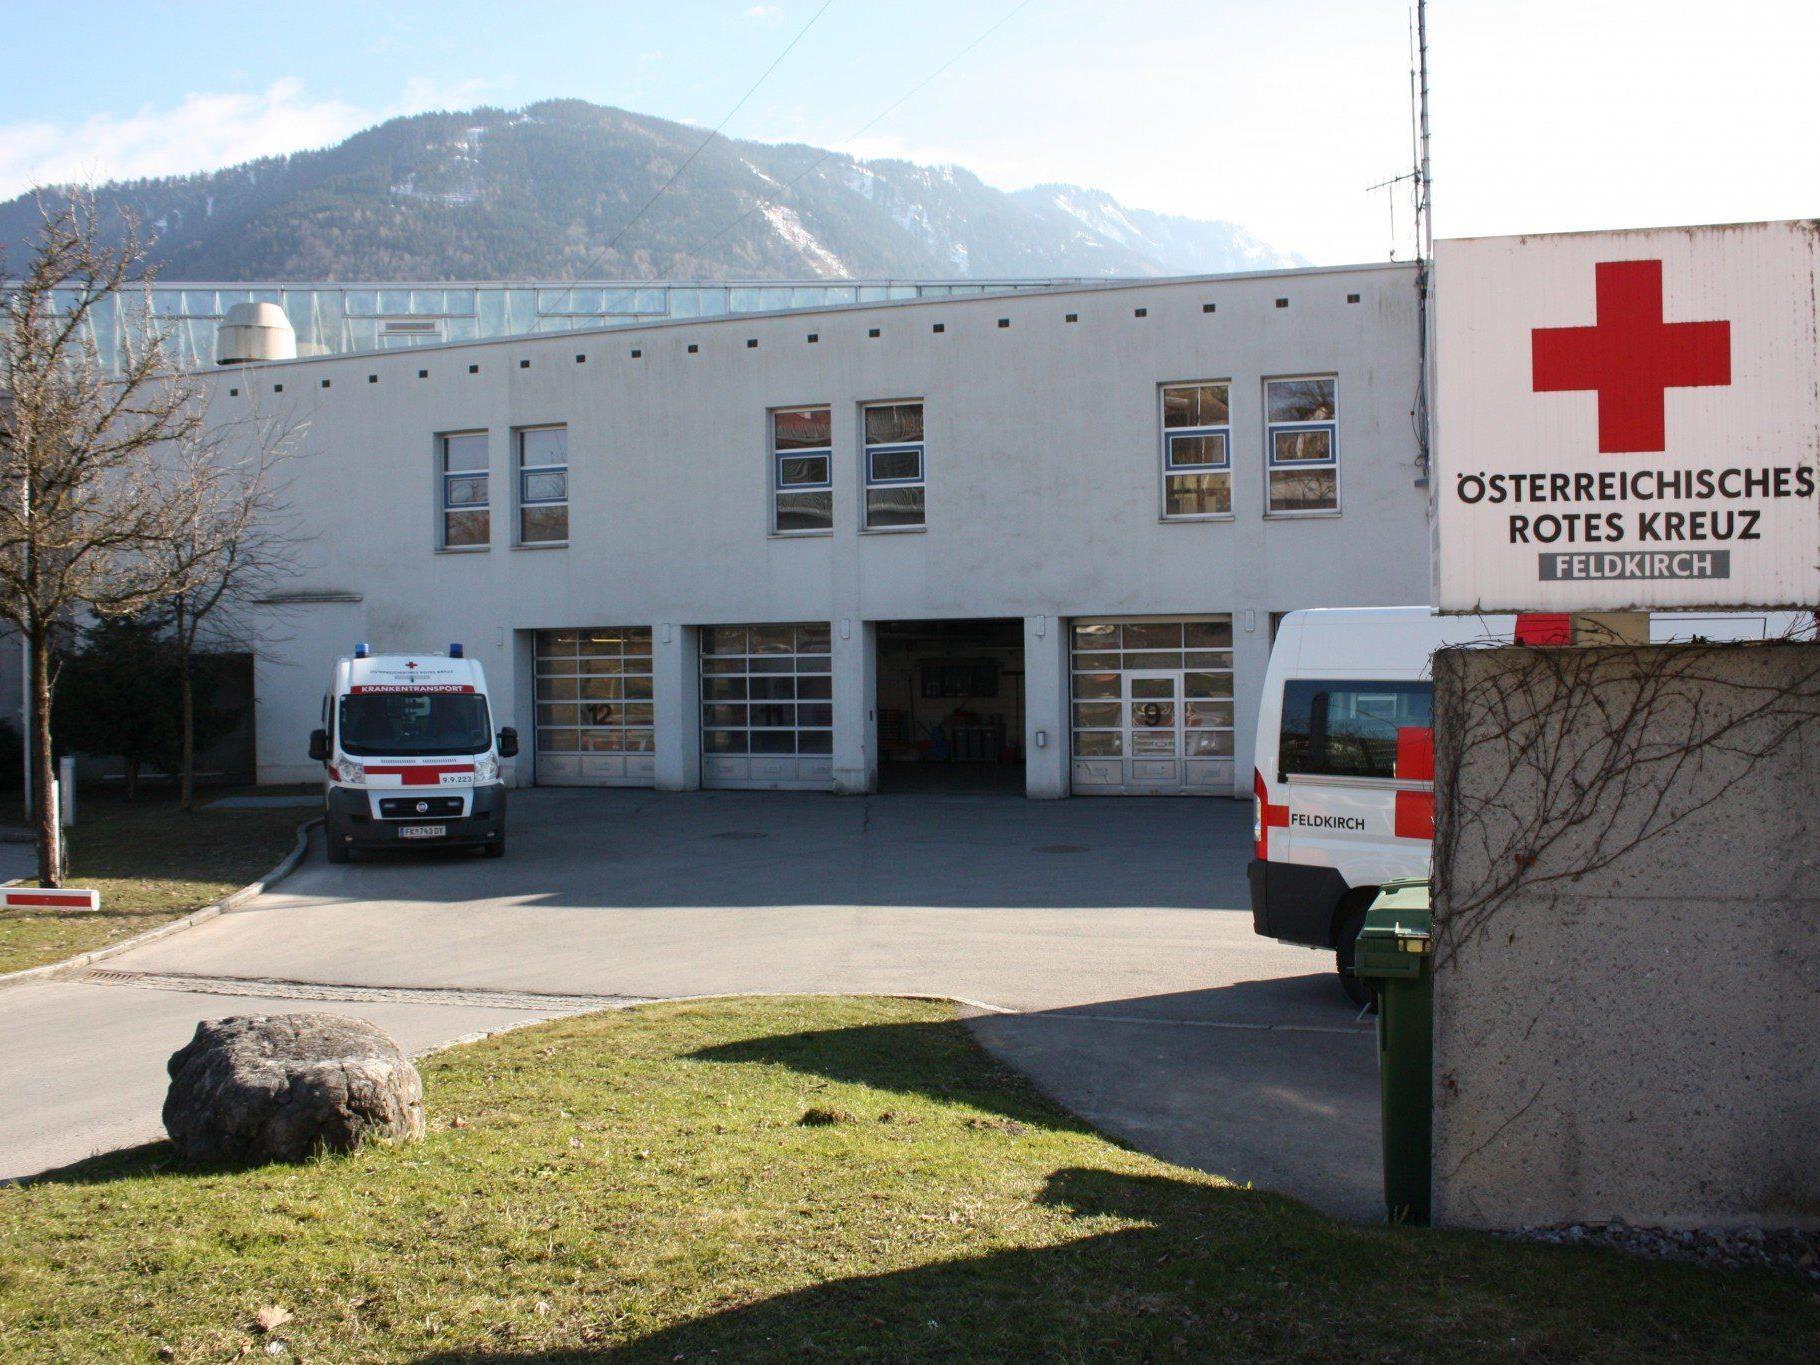 Ein Mädchen aus Feldkirch fiel am Montag in den Pool eines Nachbarn - ihr Zustand ist kritisch.